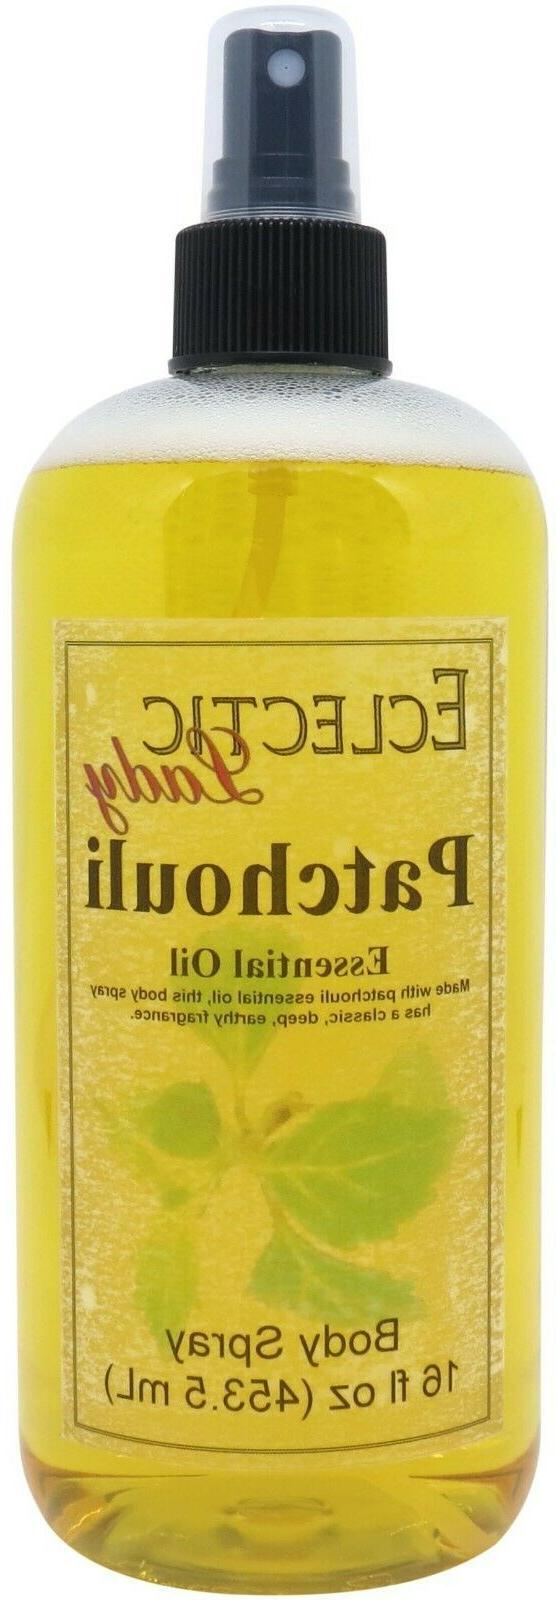 Patchouli Essential Body Spray